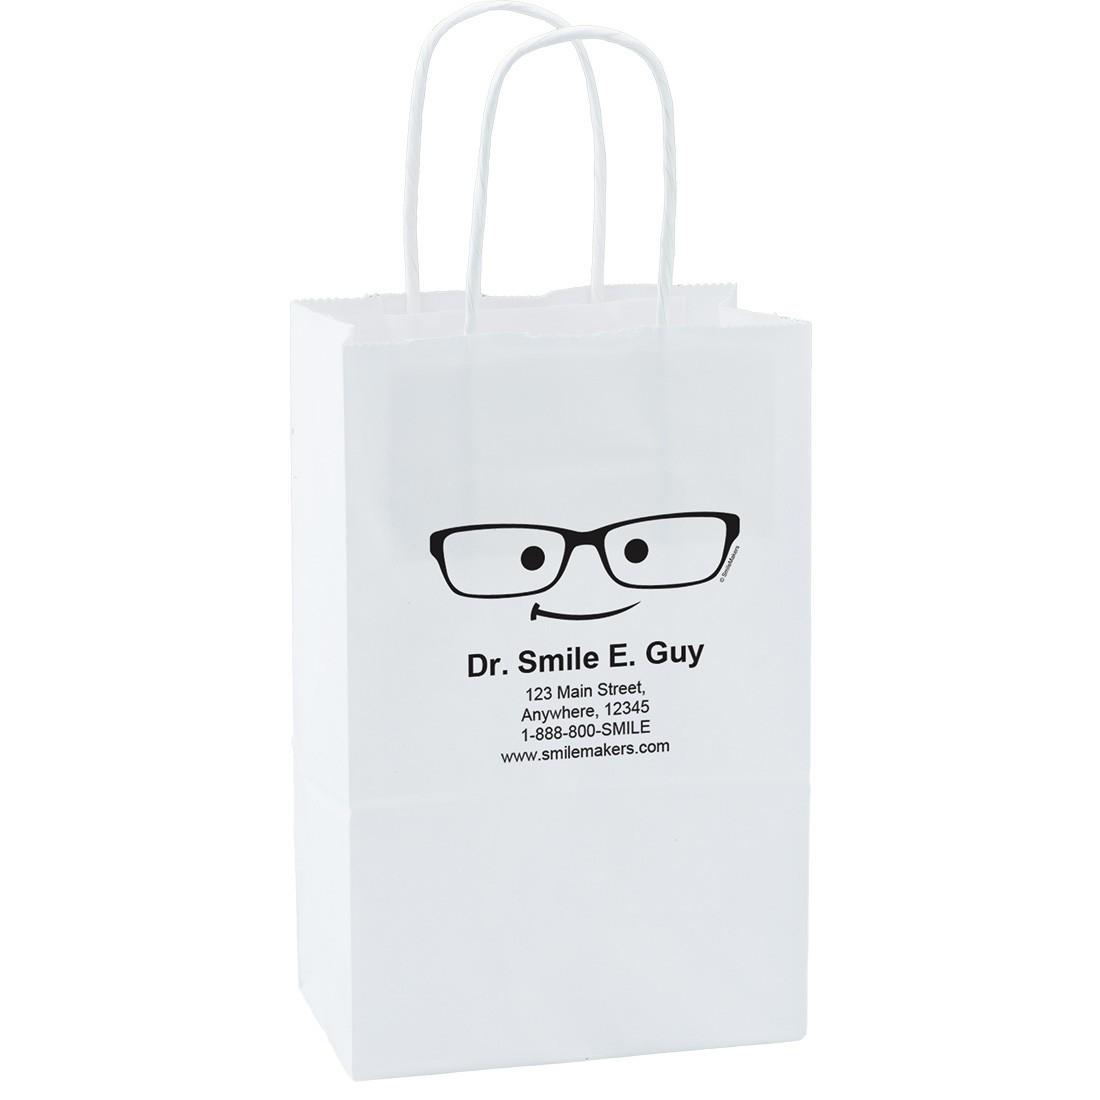 Custom White Paper Bags Small Image Slider 0